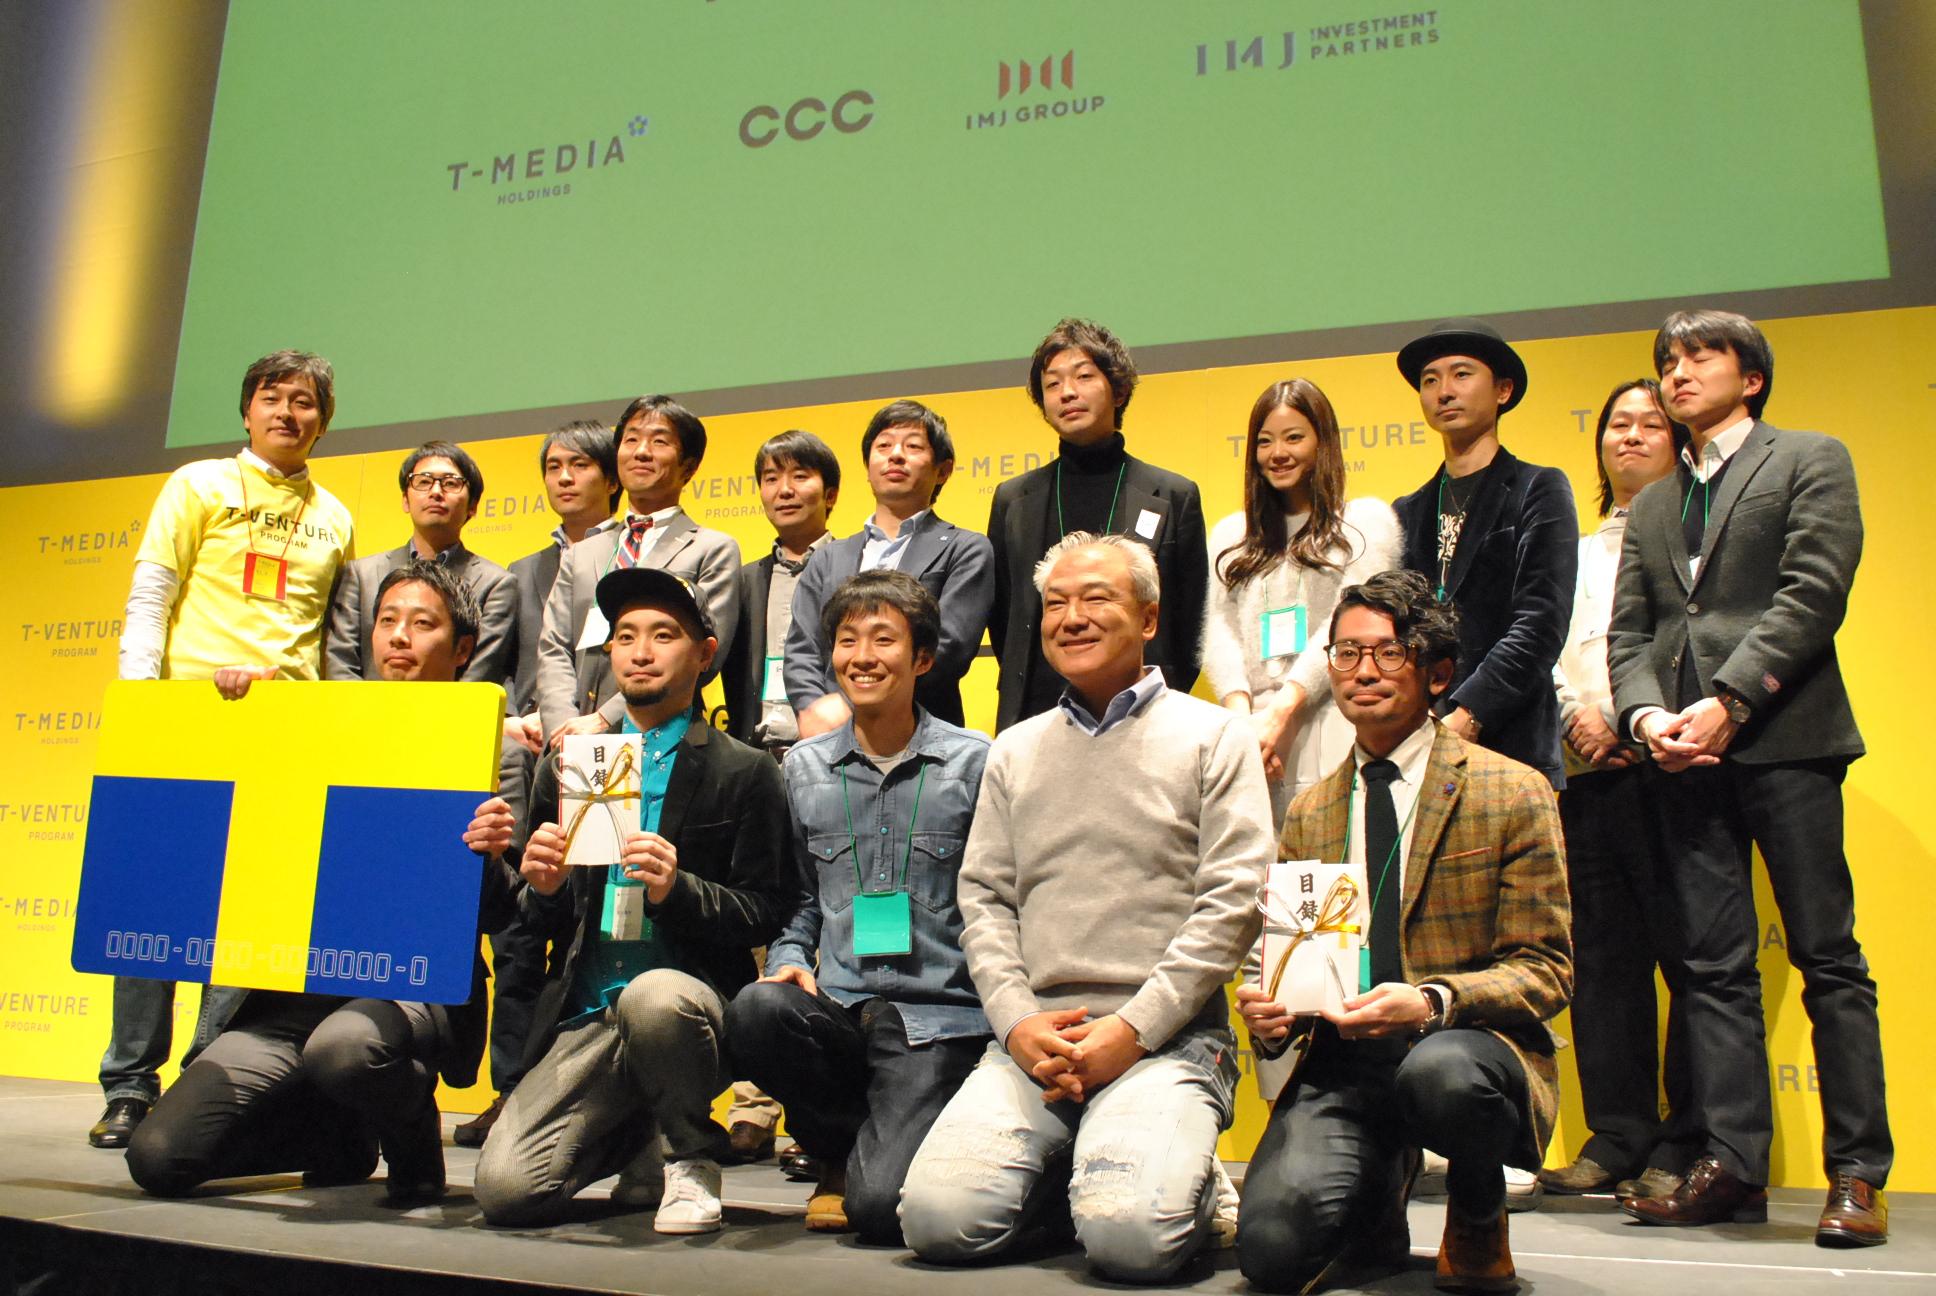 http://www.ccc.co.jp/news/img/DSC_0749.JPG